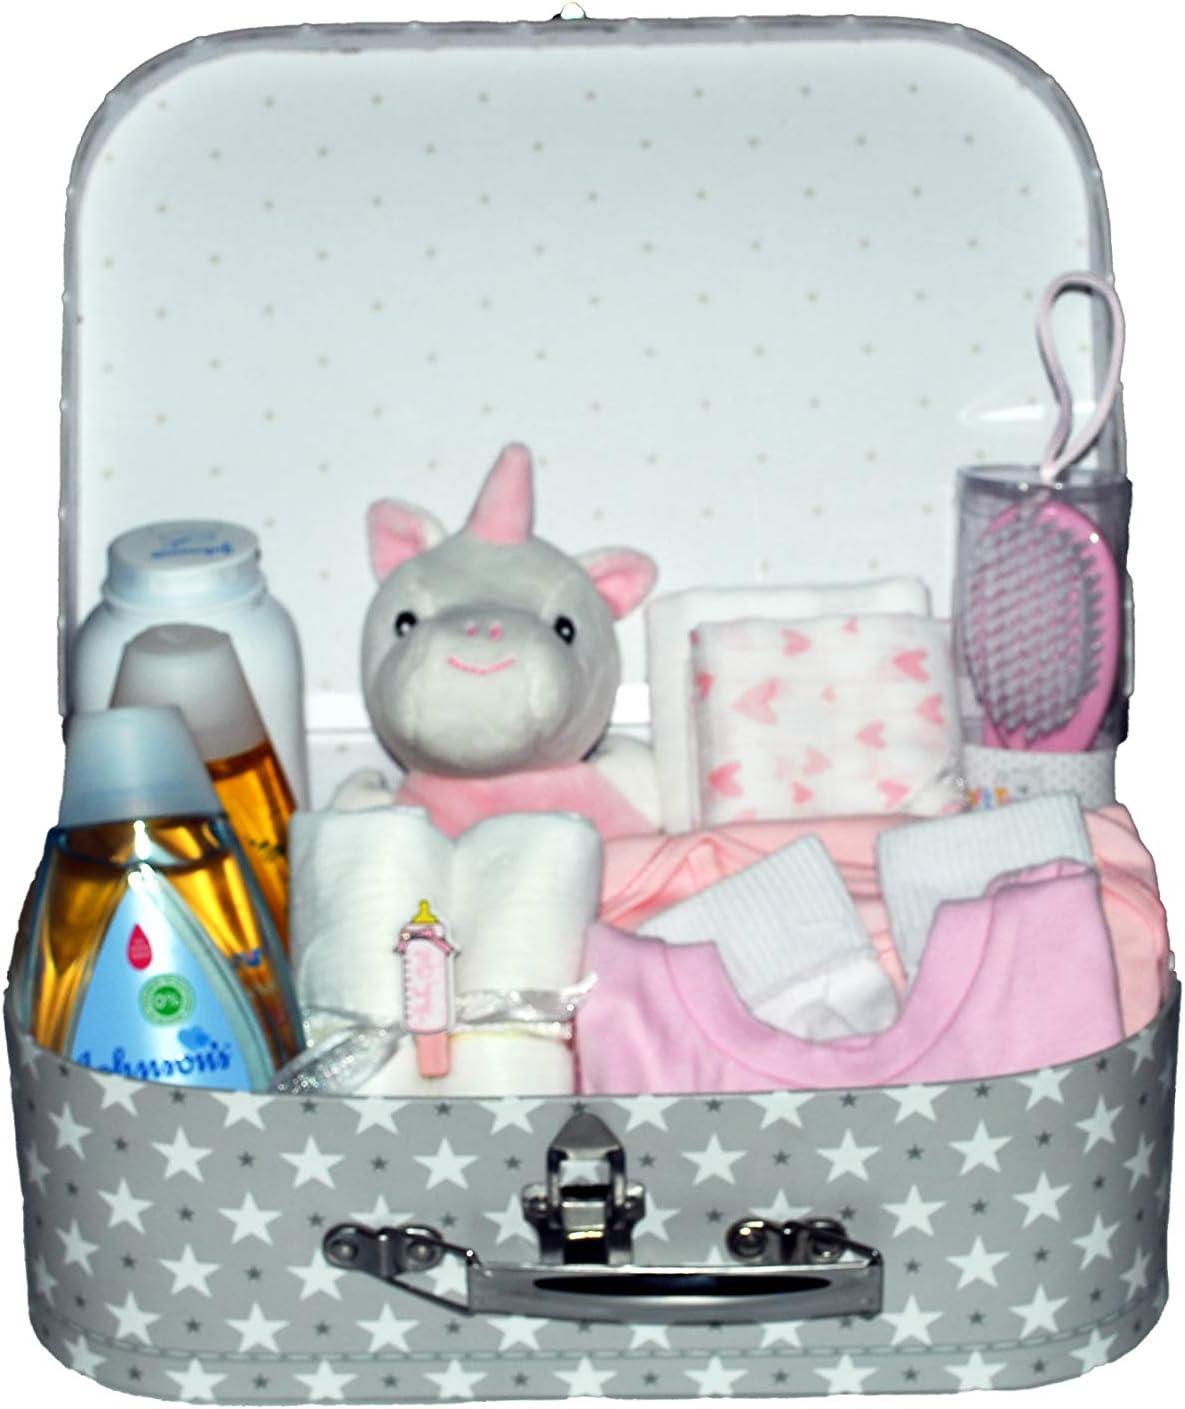 Cesta de regalo y recuerdo para reci/én nacidos incluye edred/ón de peluche y ropa de beb/é